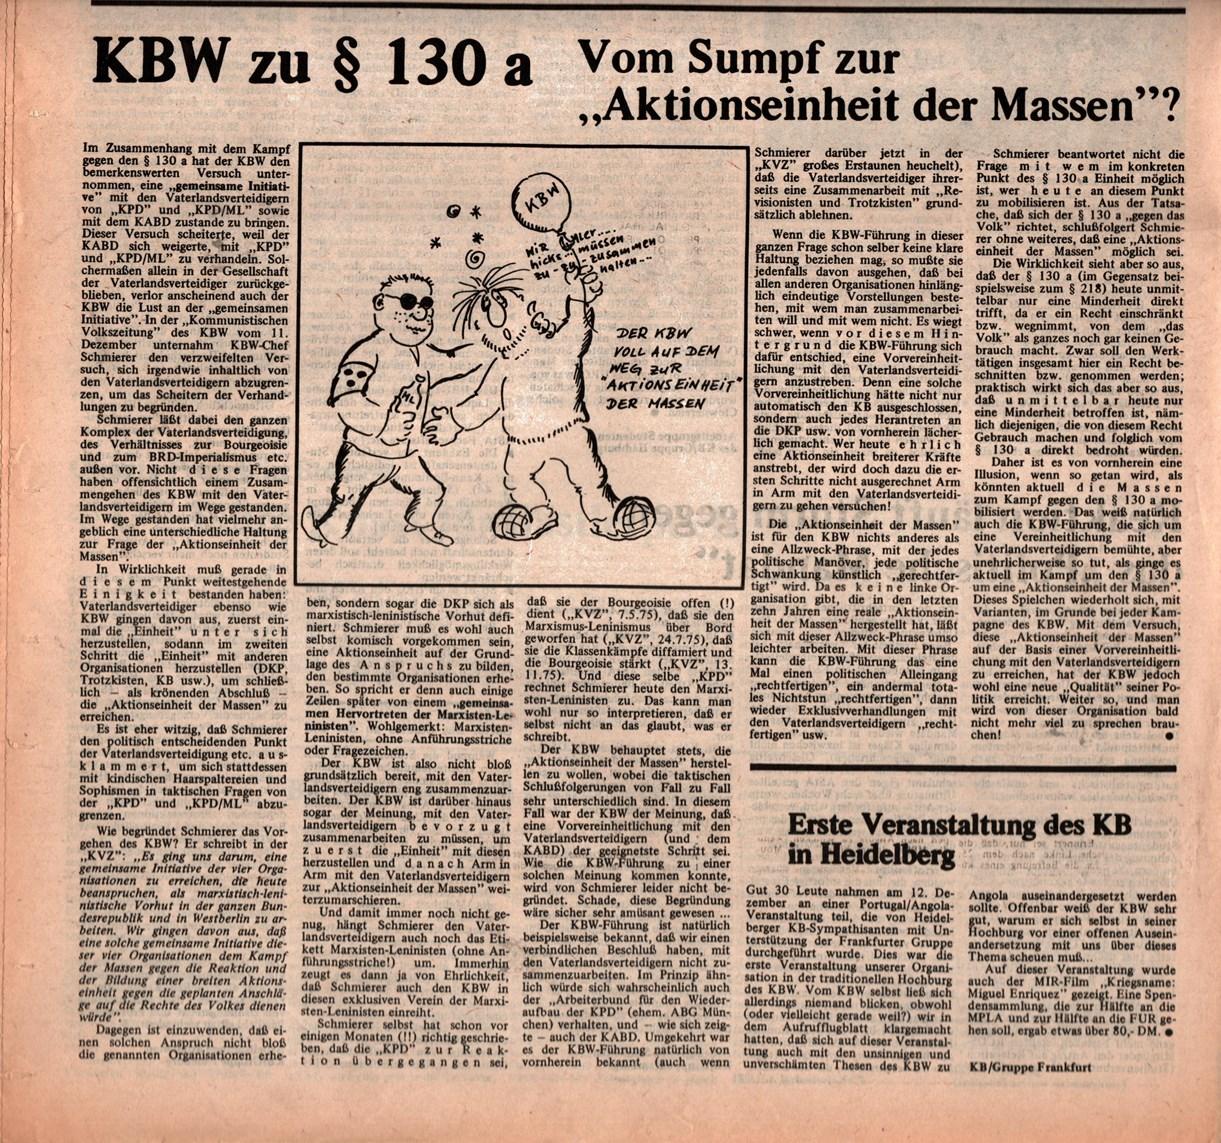 KB_AK_1975_71_092